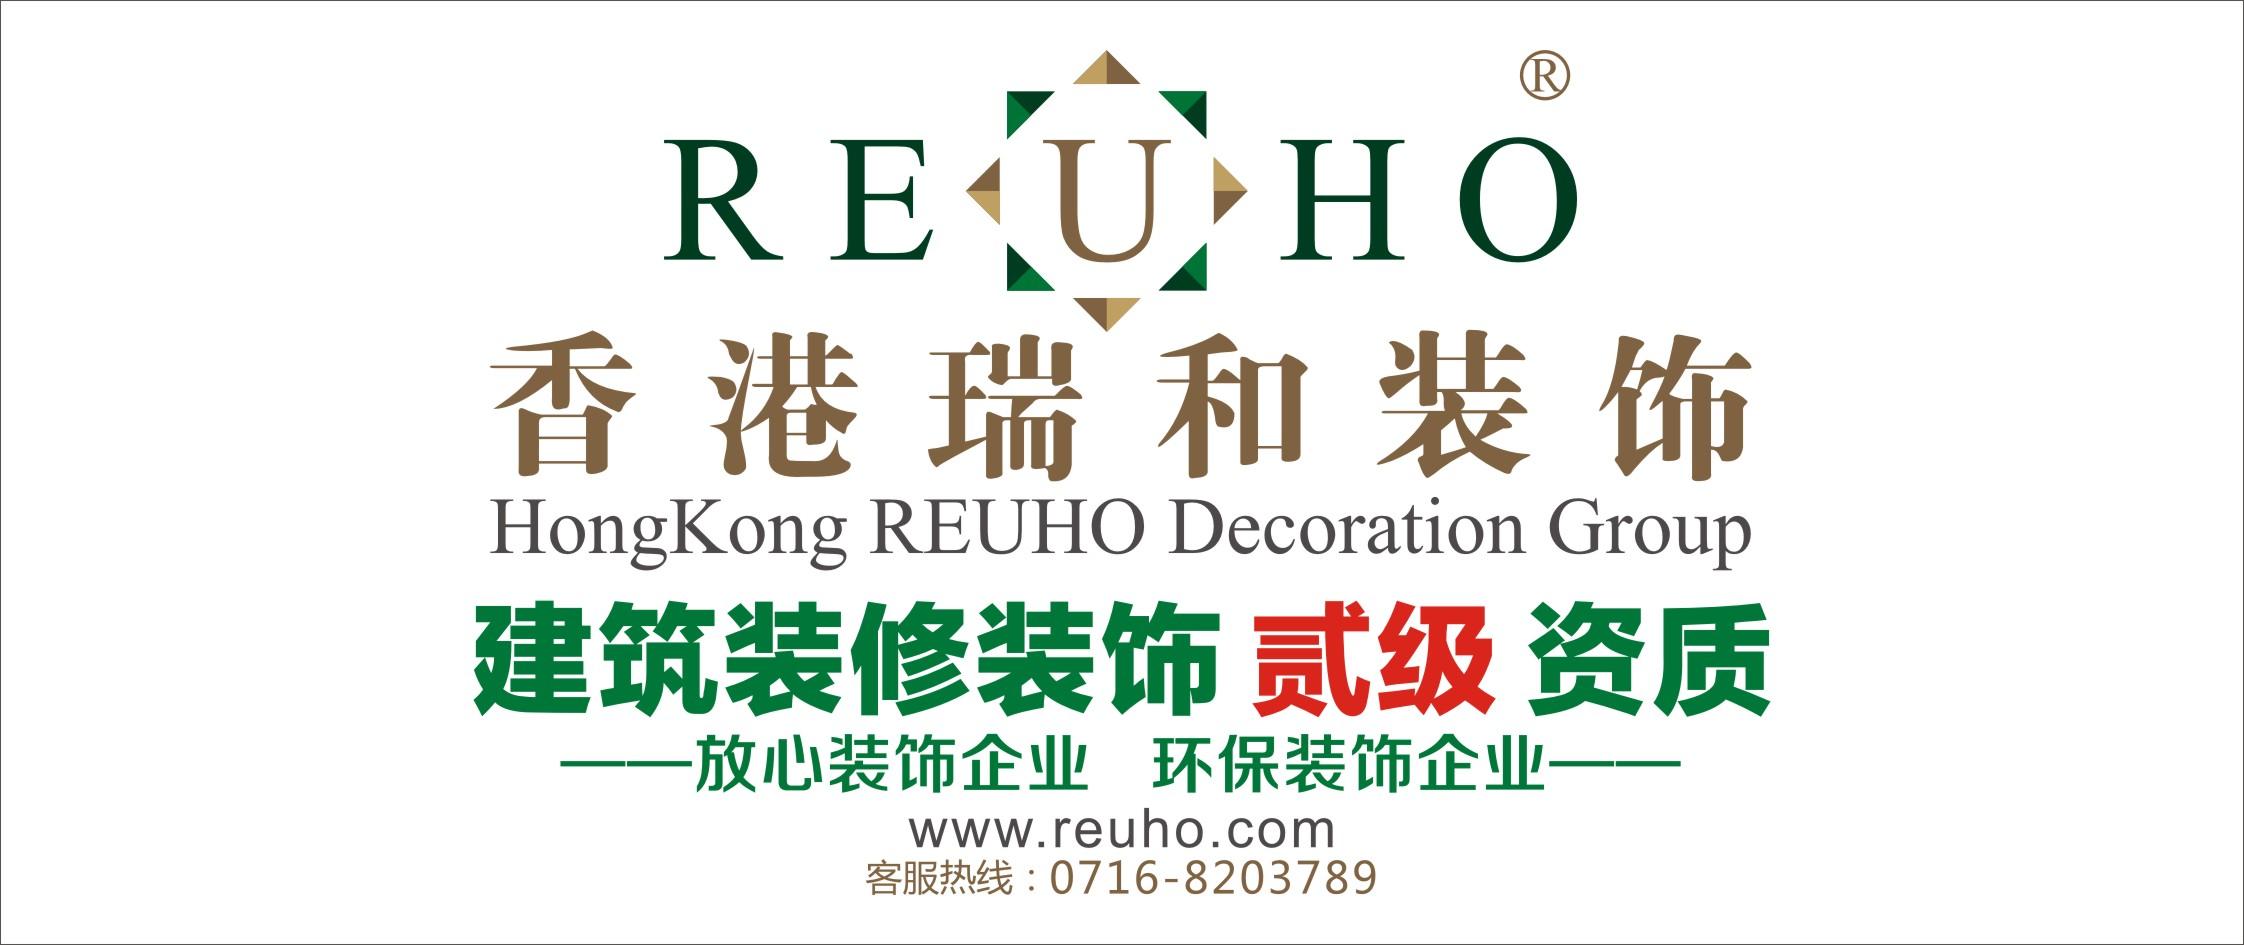 广东瑞和装饰设计工程有限公司荆州分公司